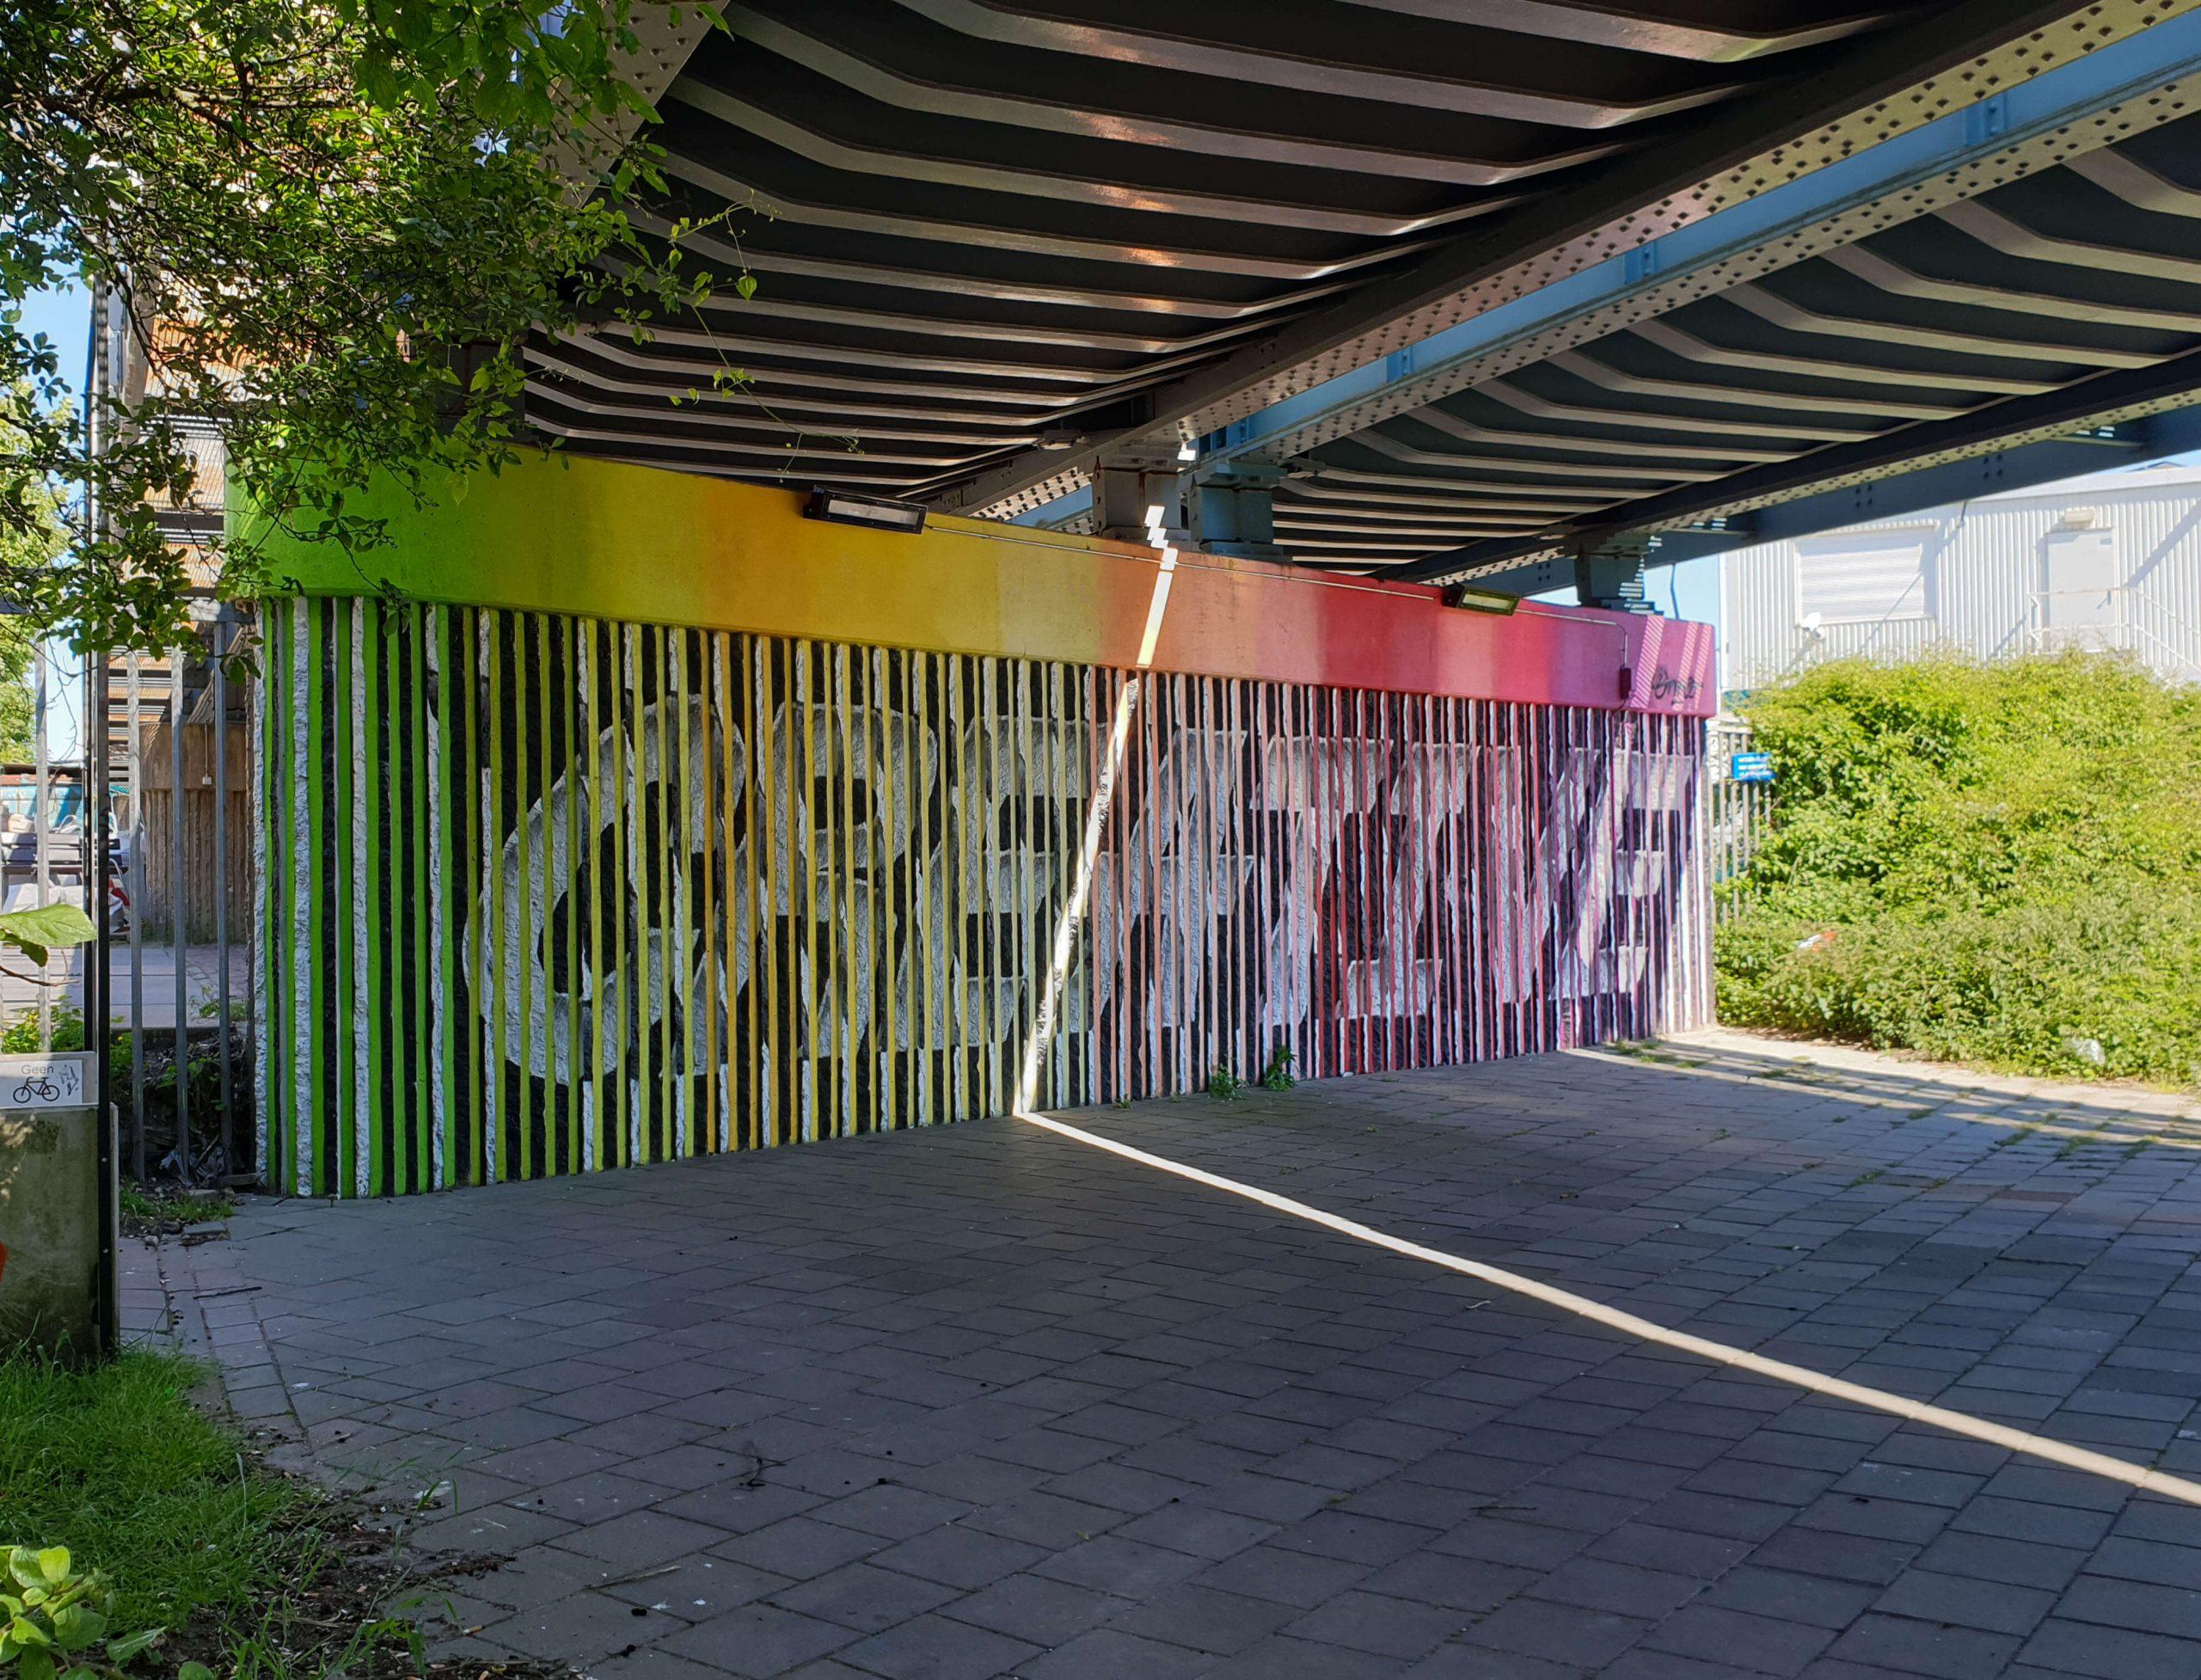 BINK36 - Tunnel Street Art